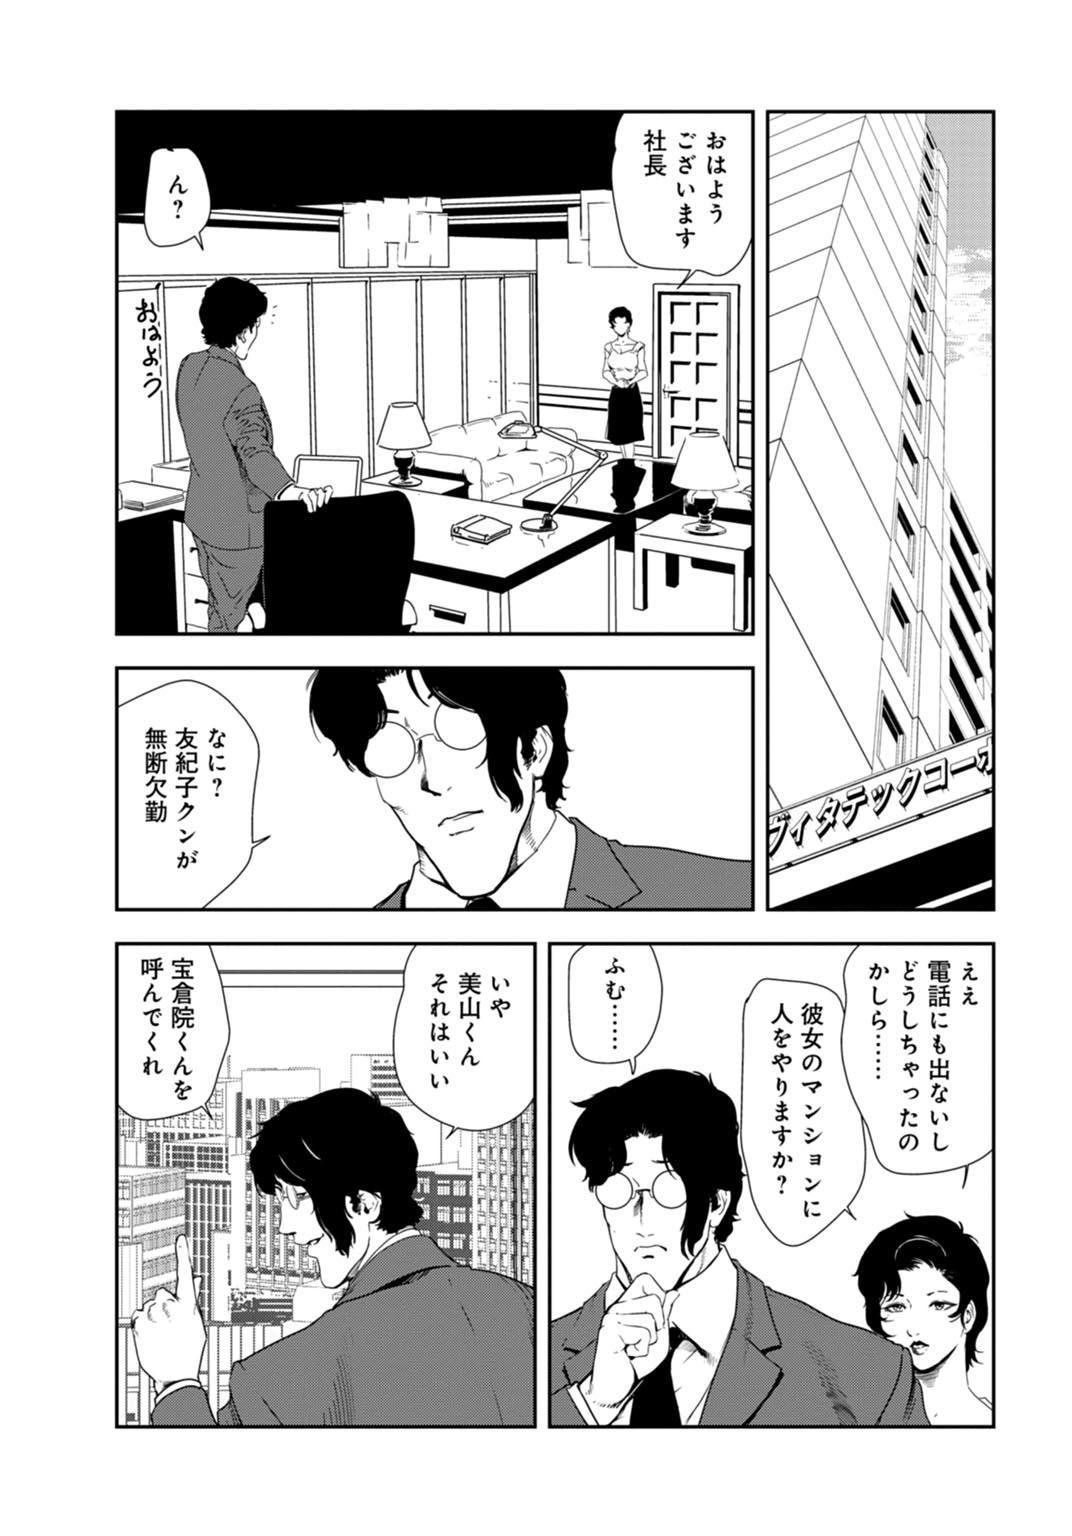 Nikuhisyo Yukiko 26 79